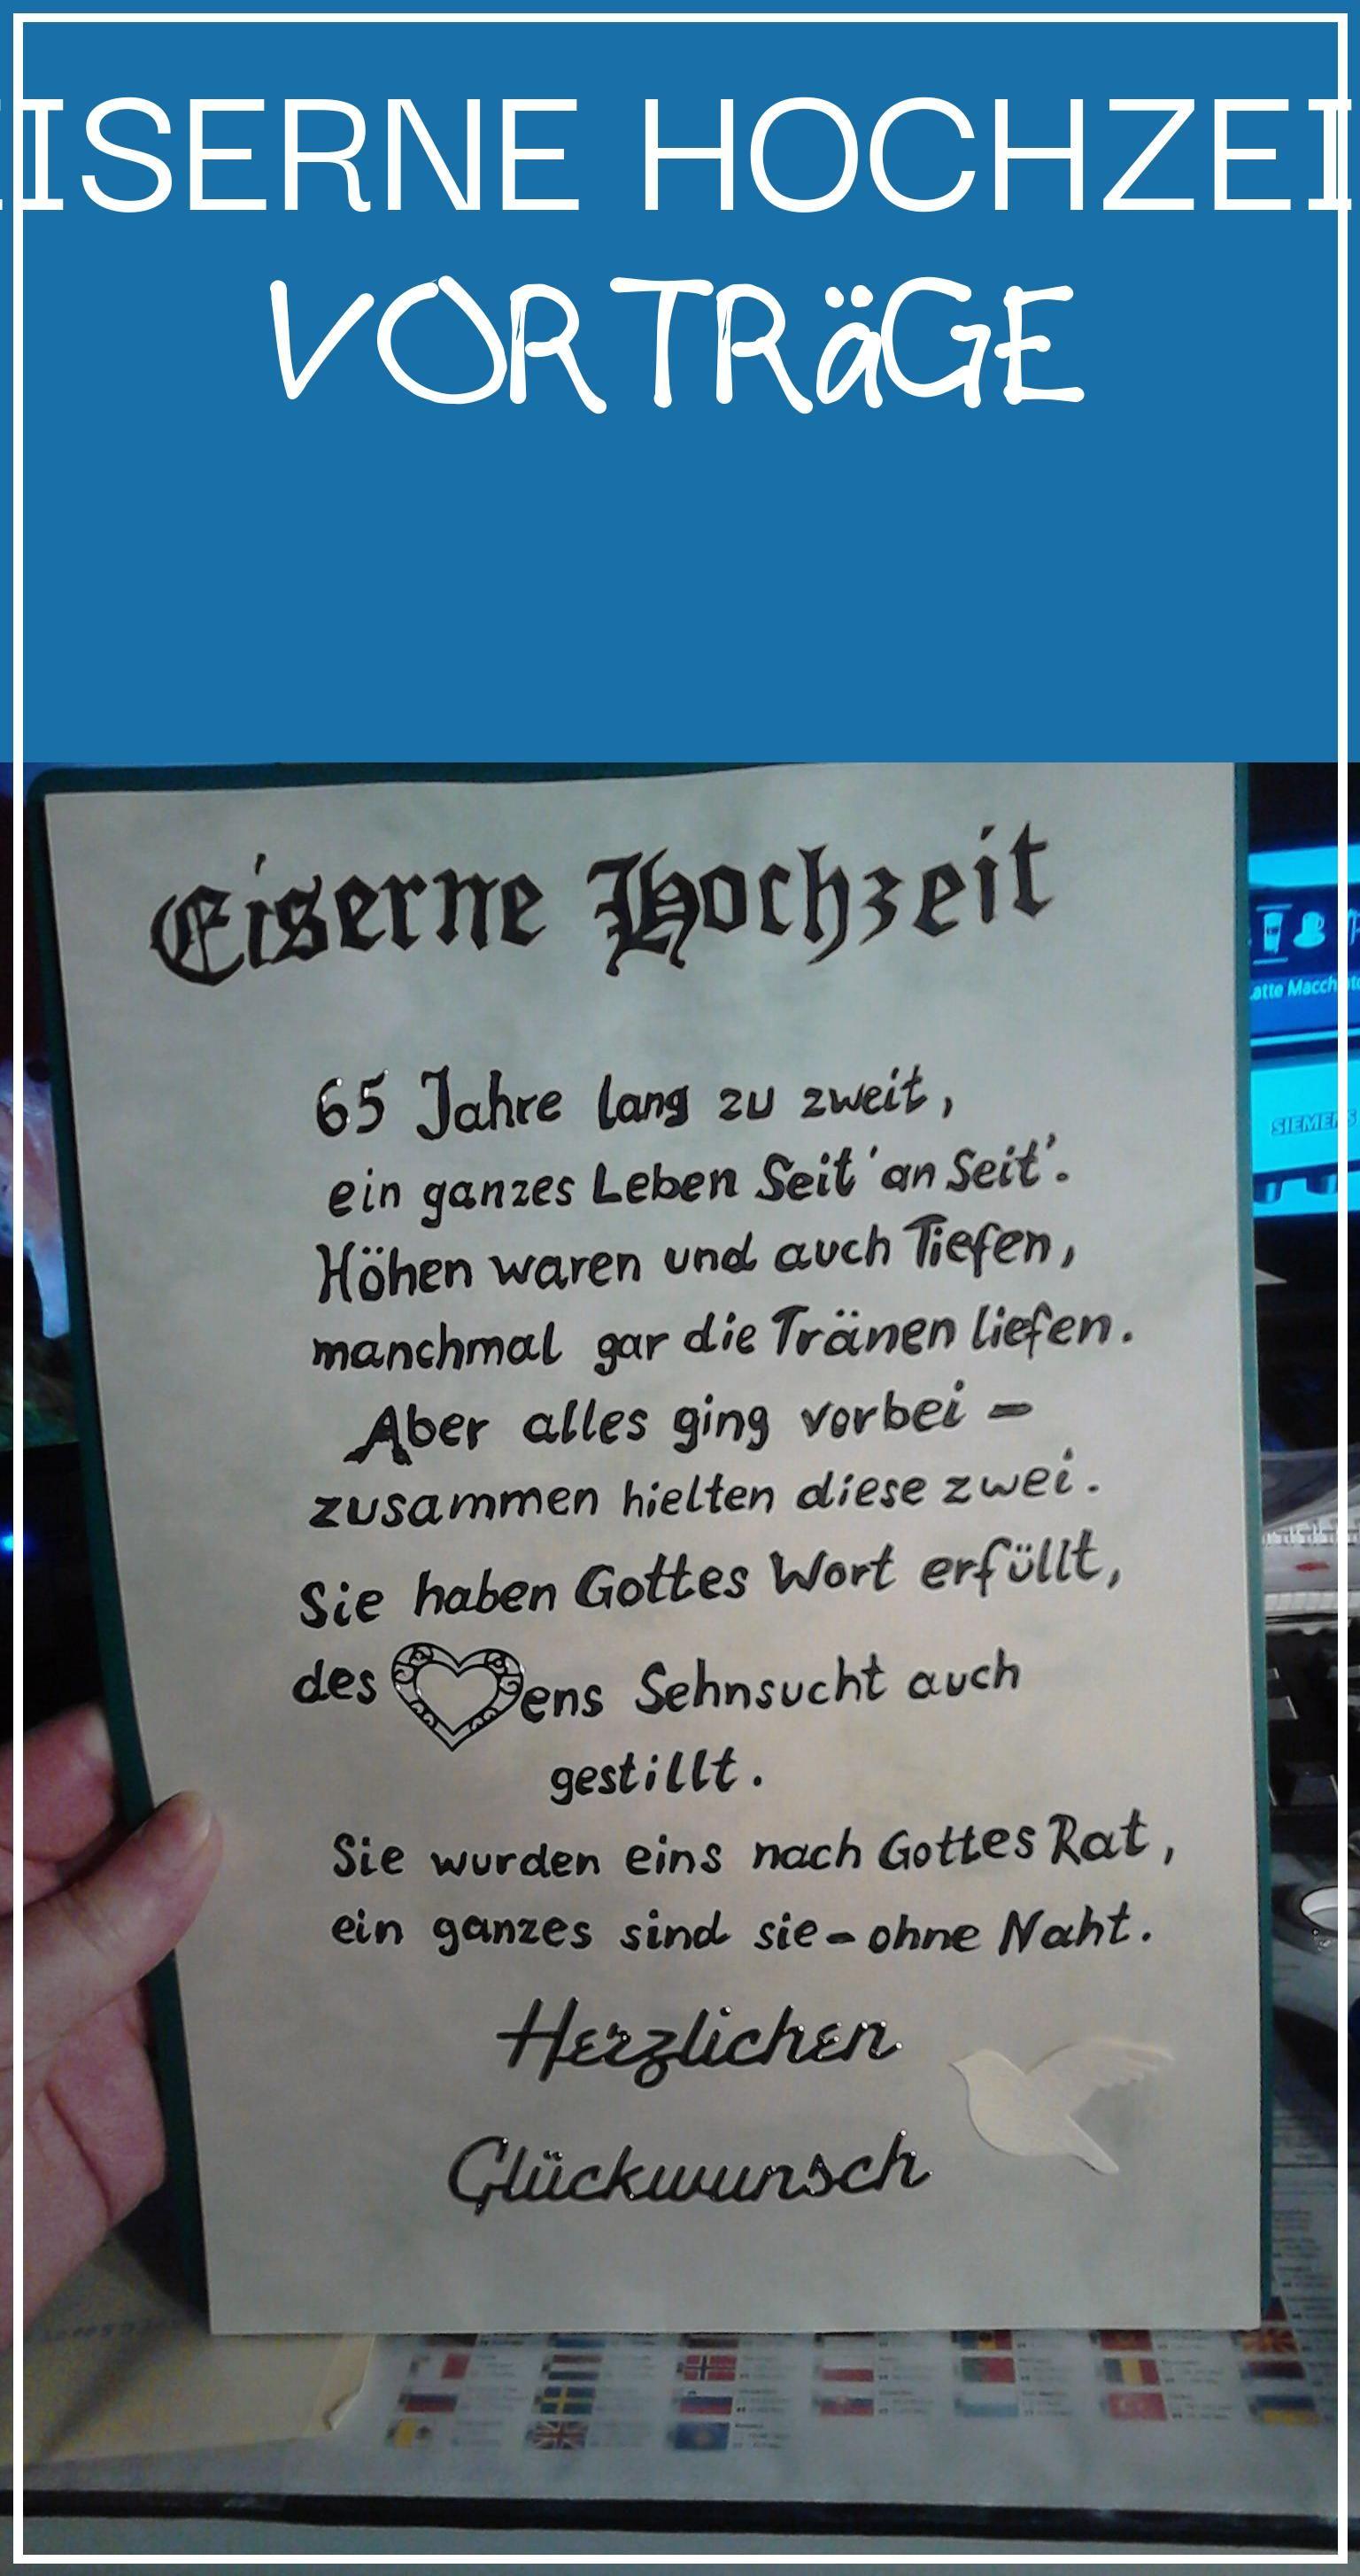 Perfect 16 Eiserne Hochzeit Vorträge